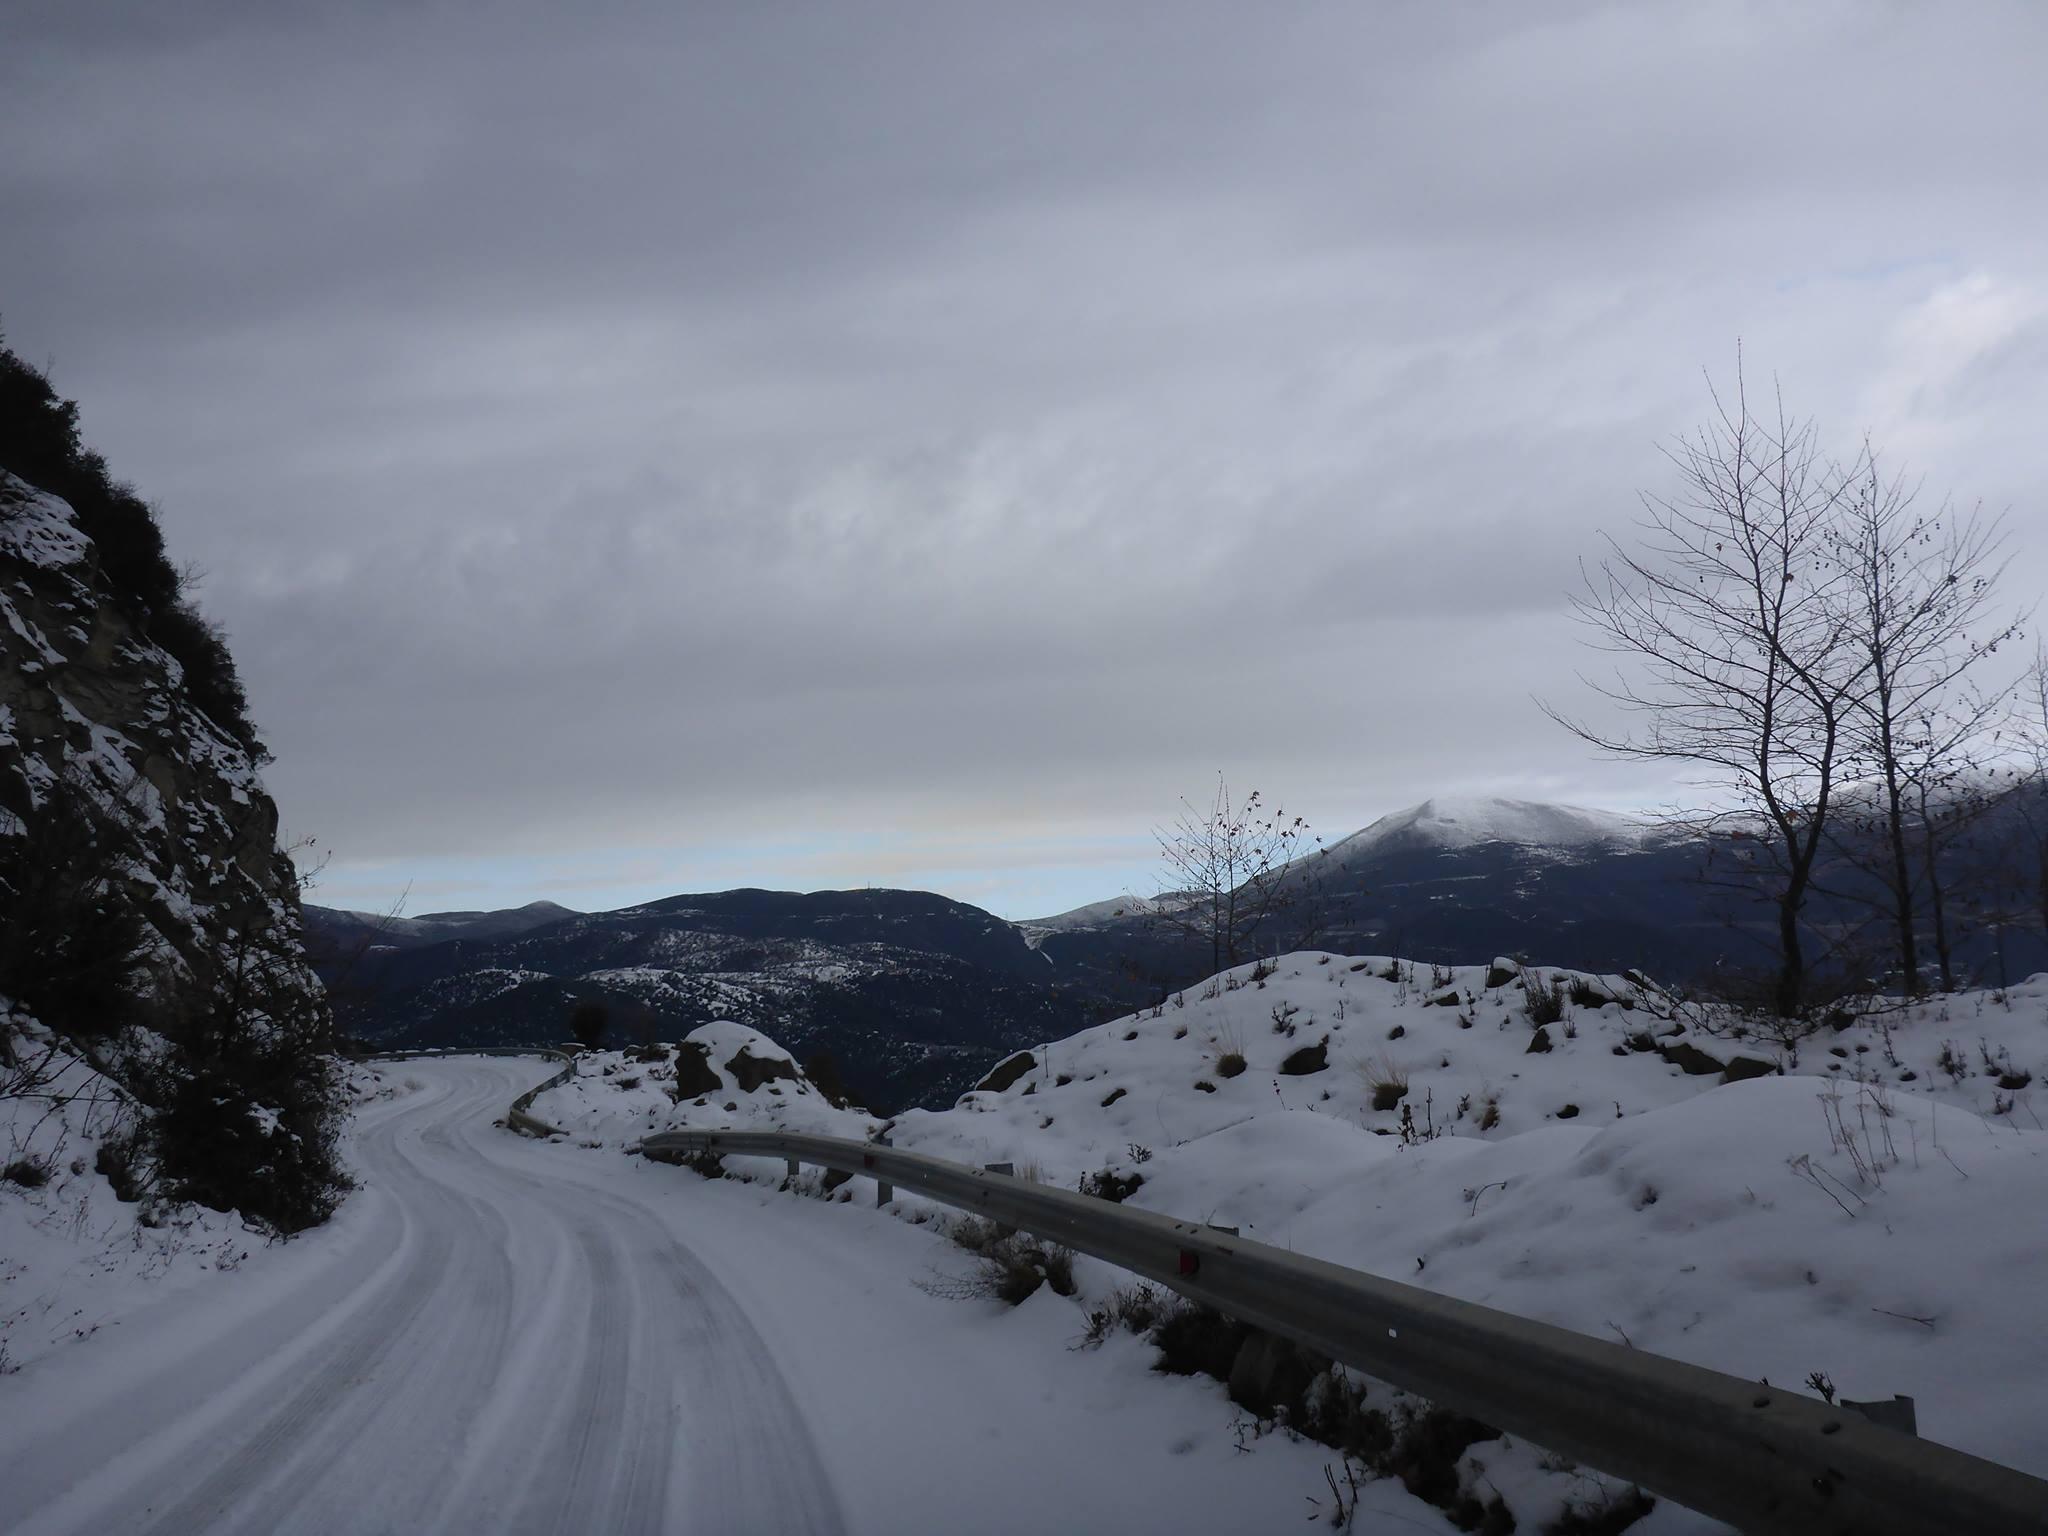 La chose positive est que les voitures se font presque absente des routes de montagnes